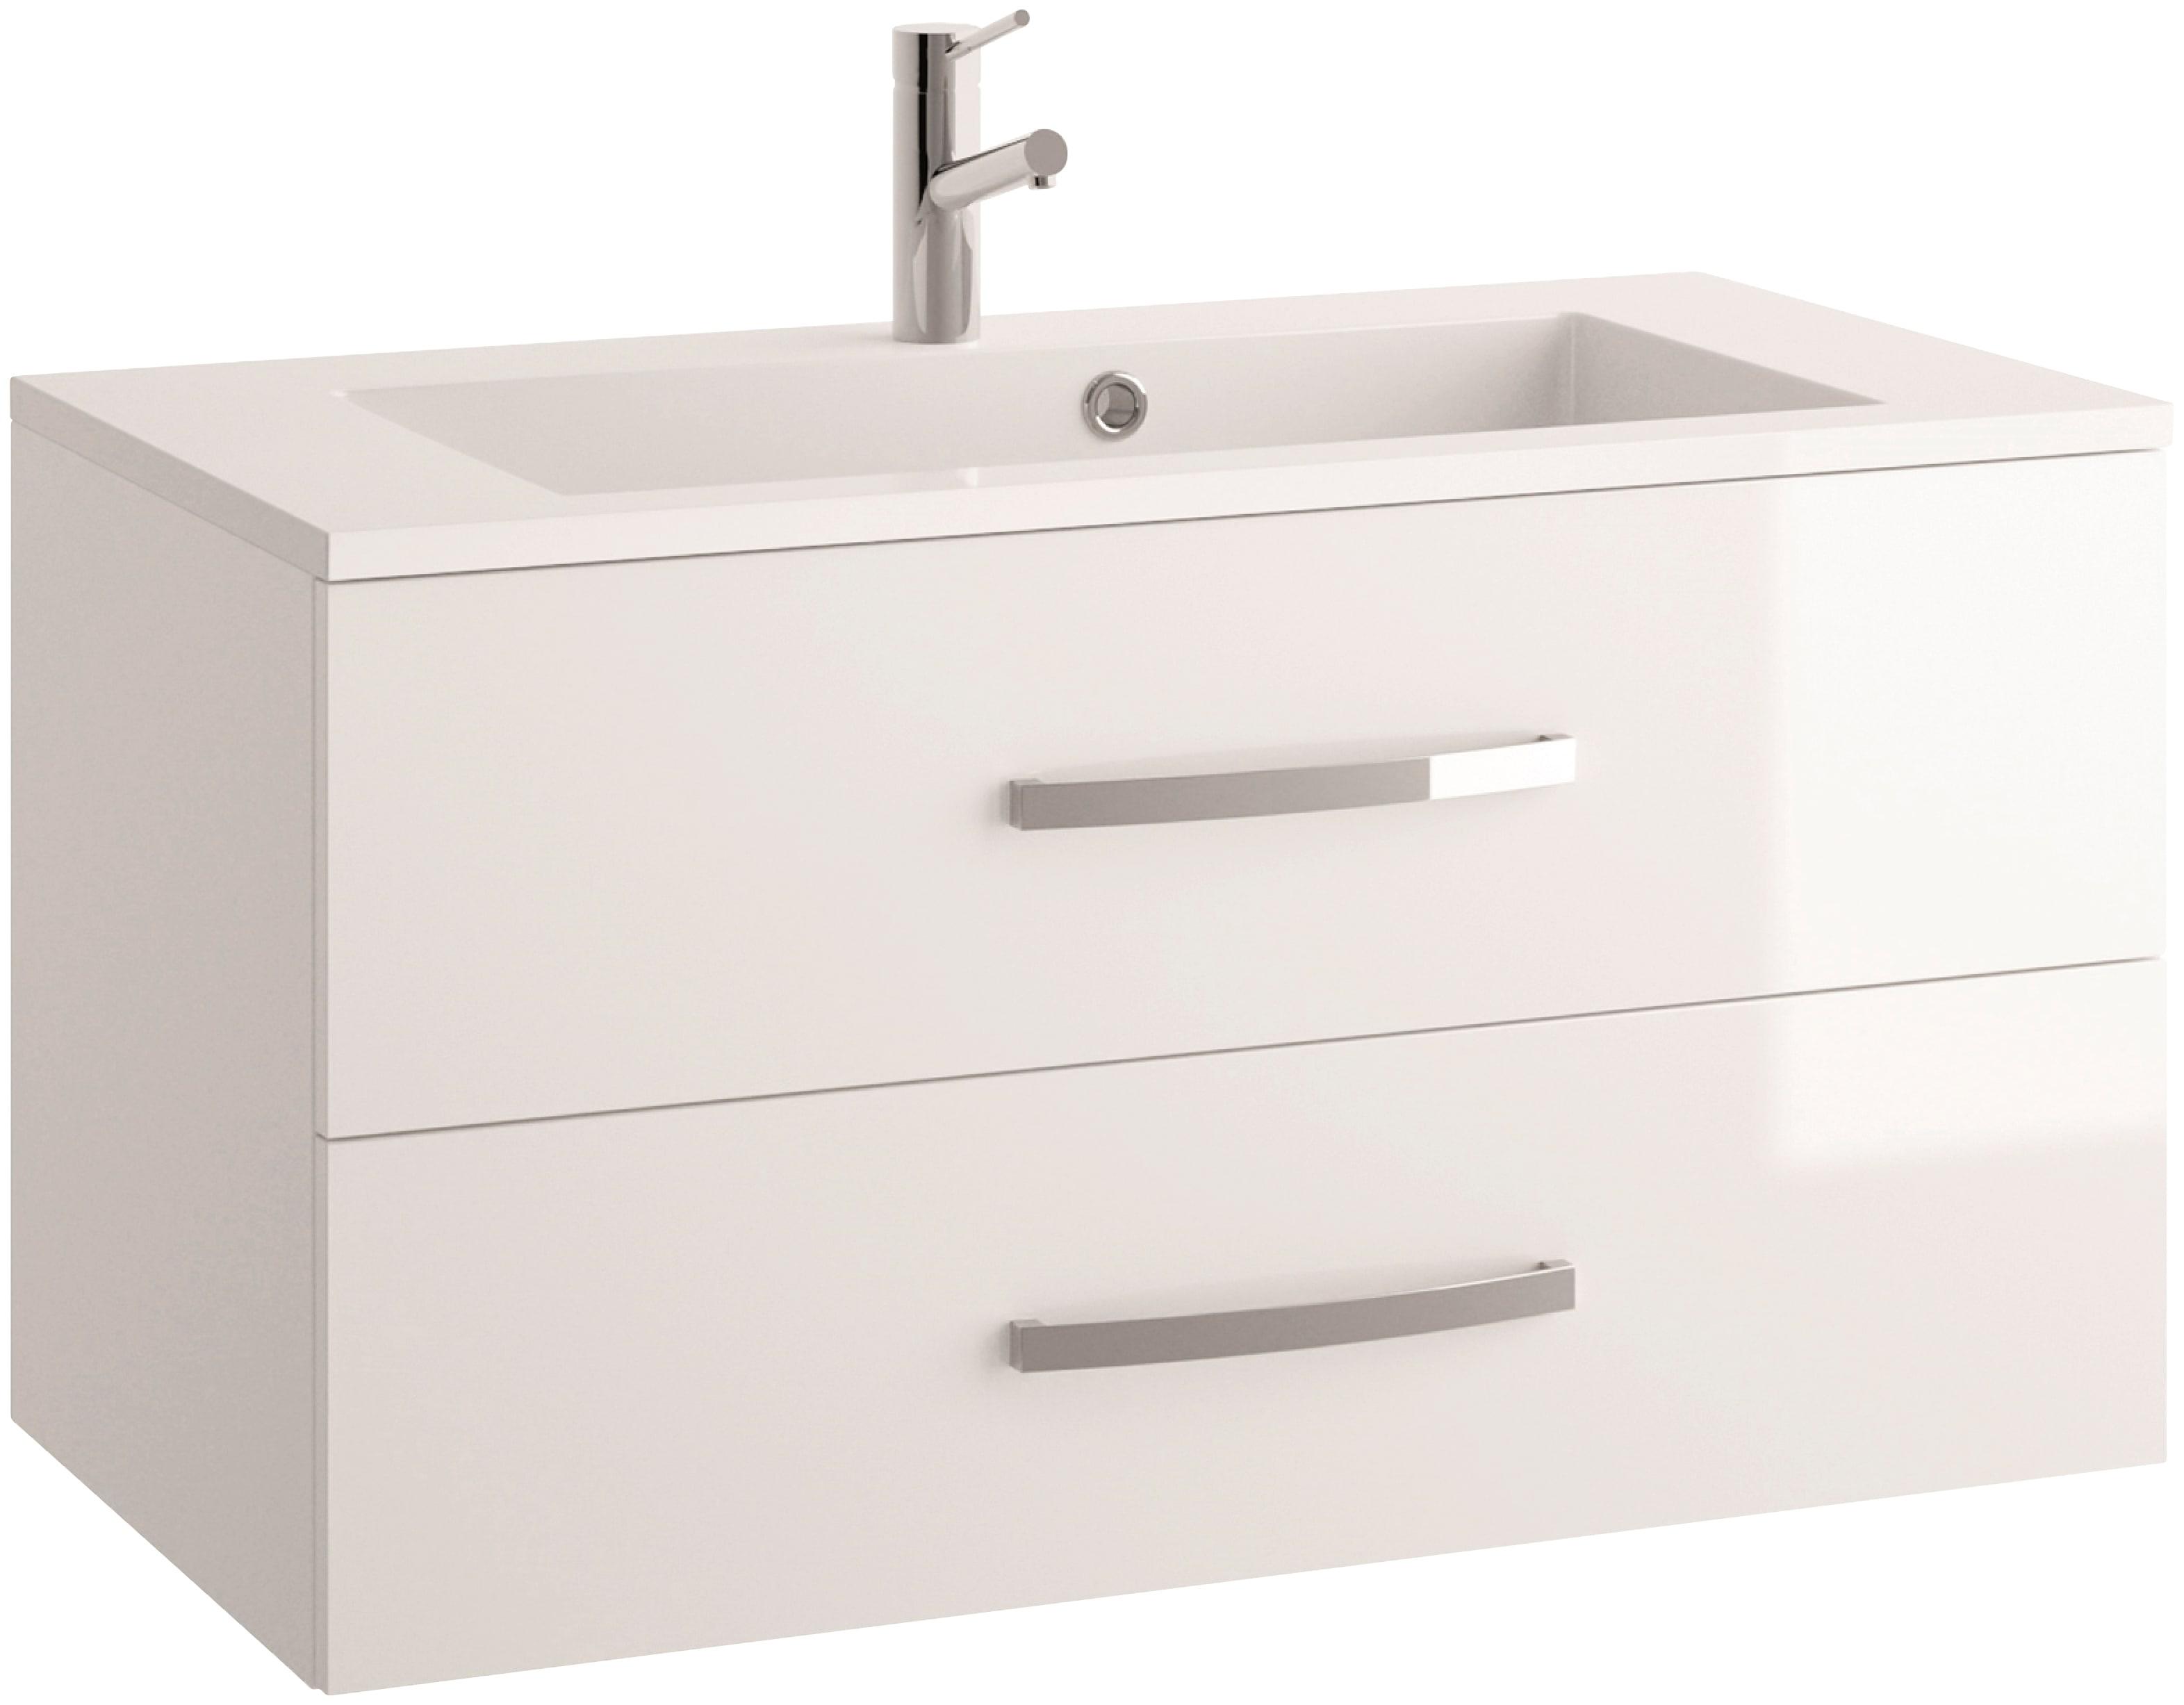 Details zu Waschtisch Allibert Waschtische Inklusive Waschbecken Badmöbel